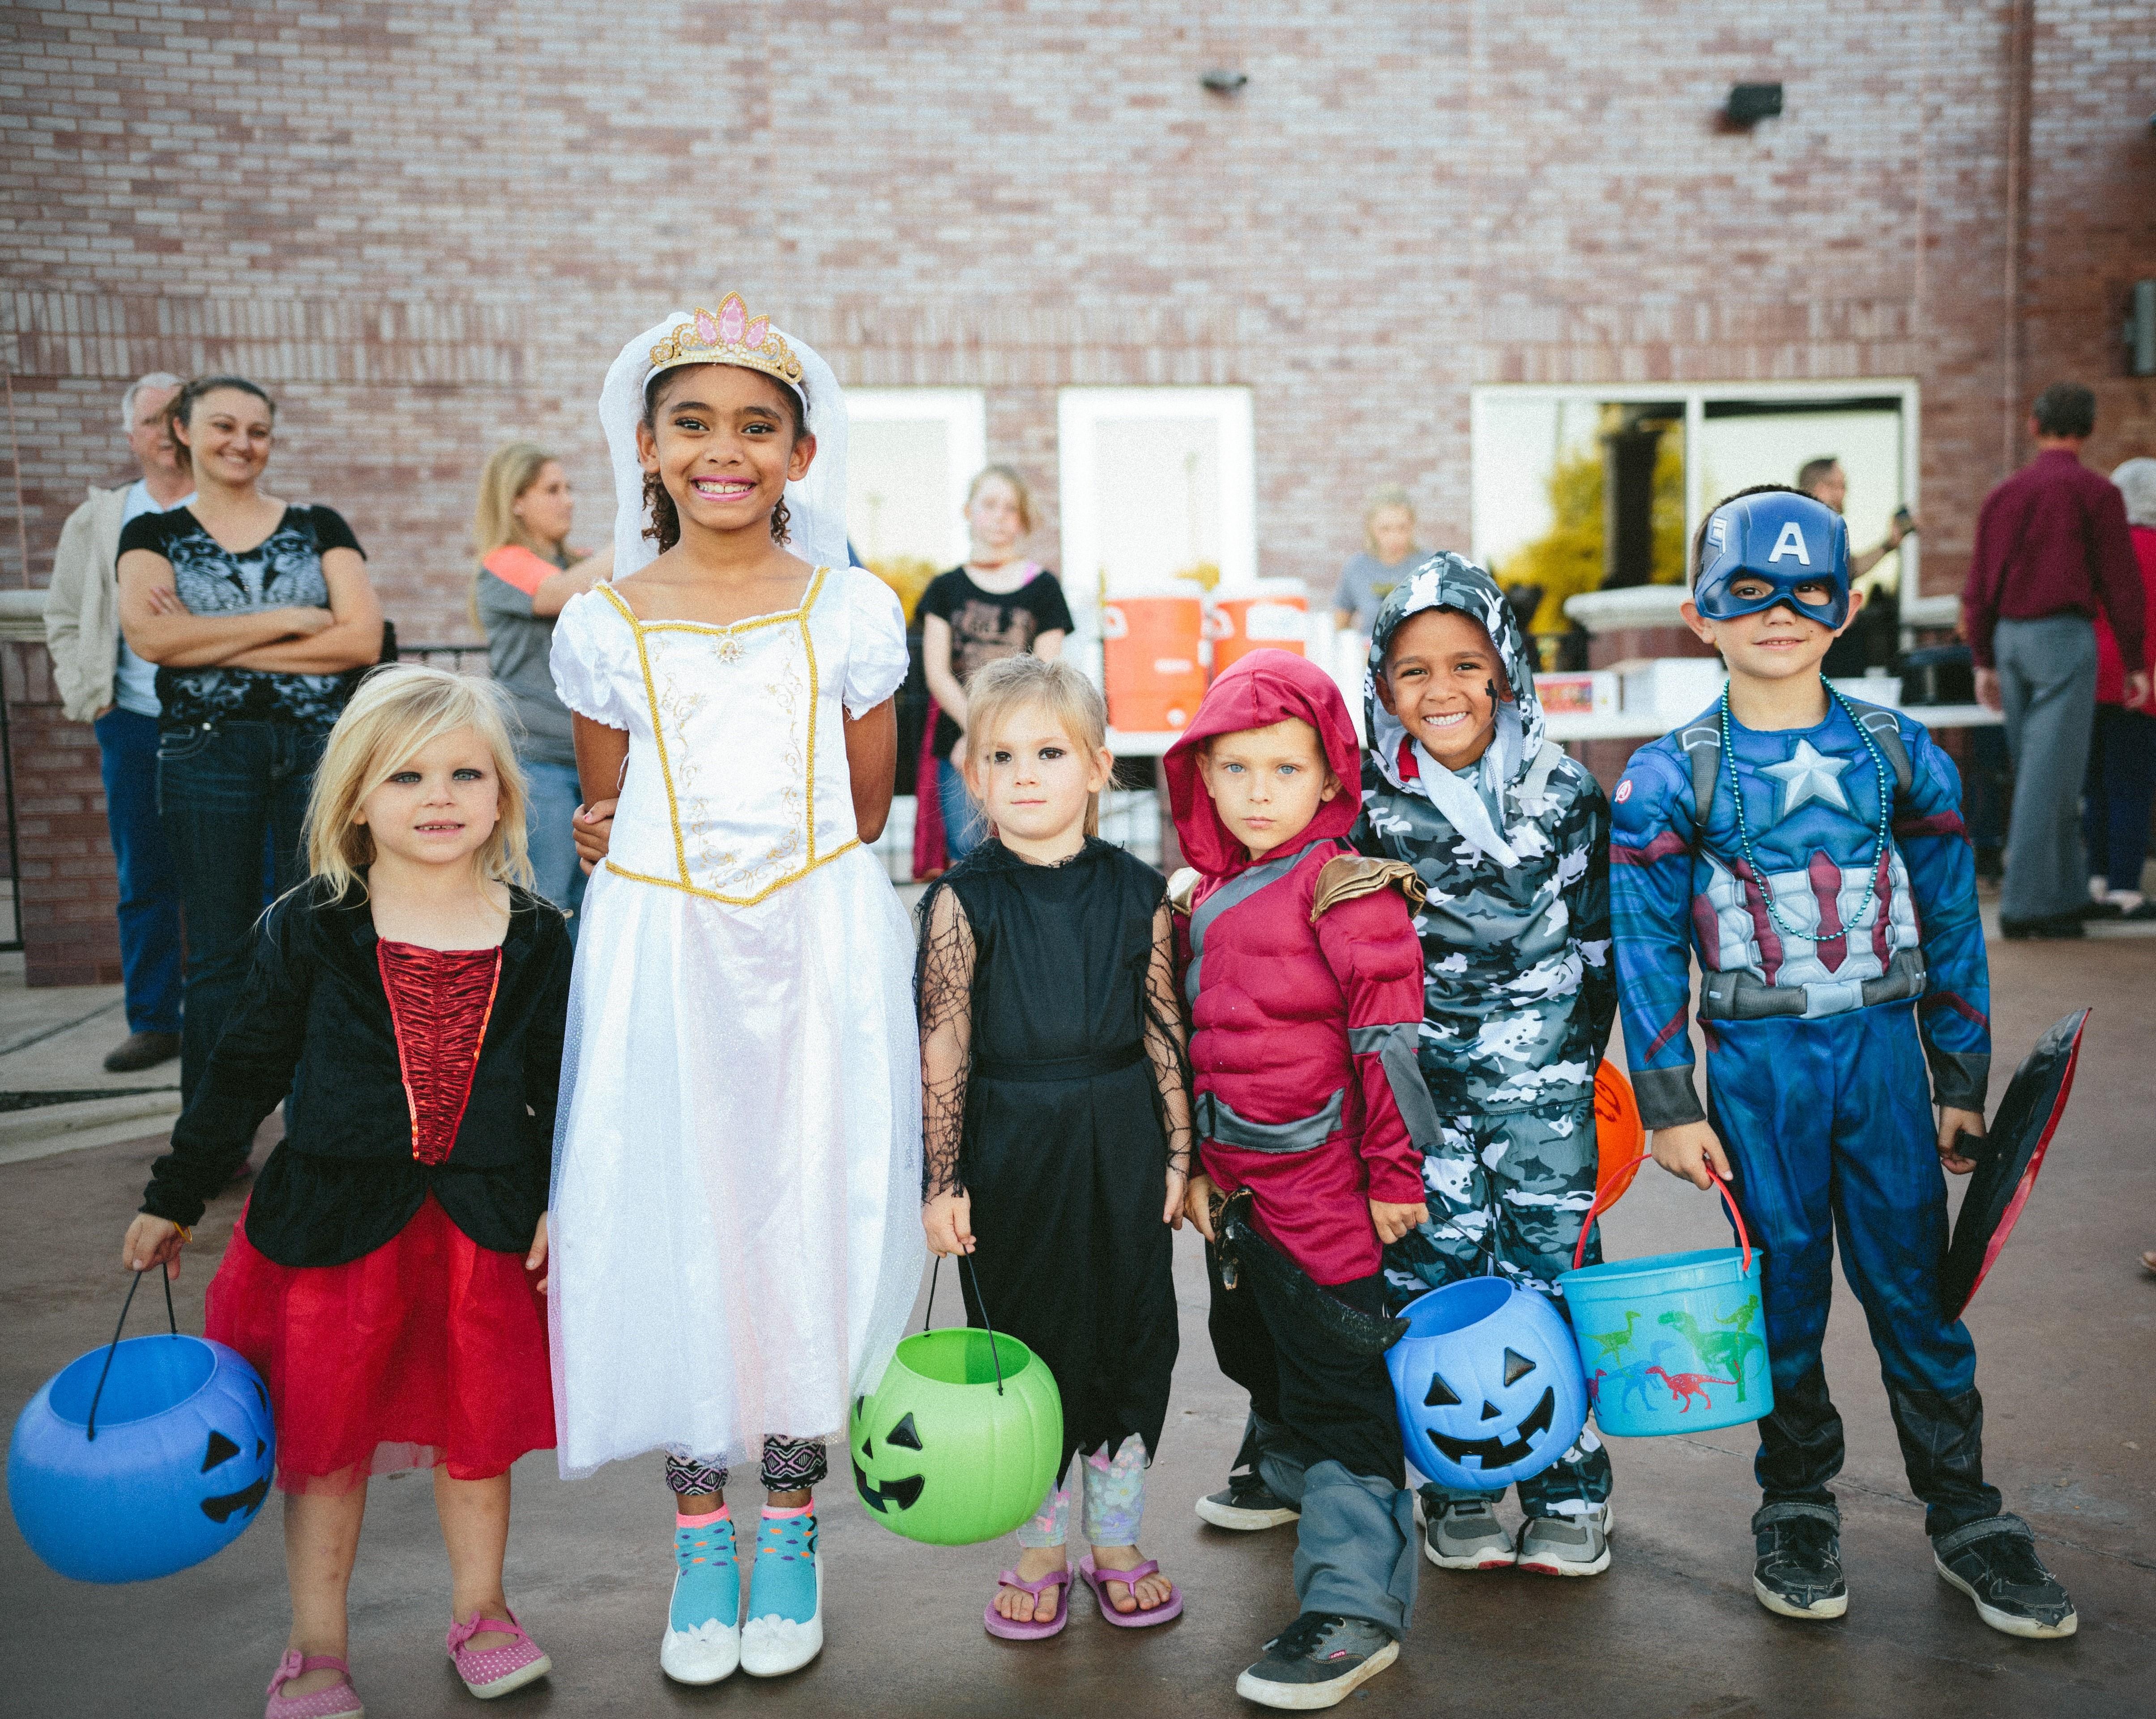 Lapset halloween-asuissa. Connor Baker / Unsplash